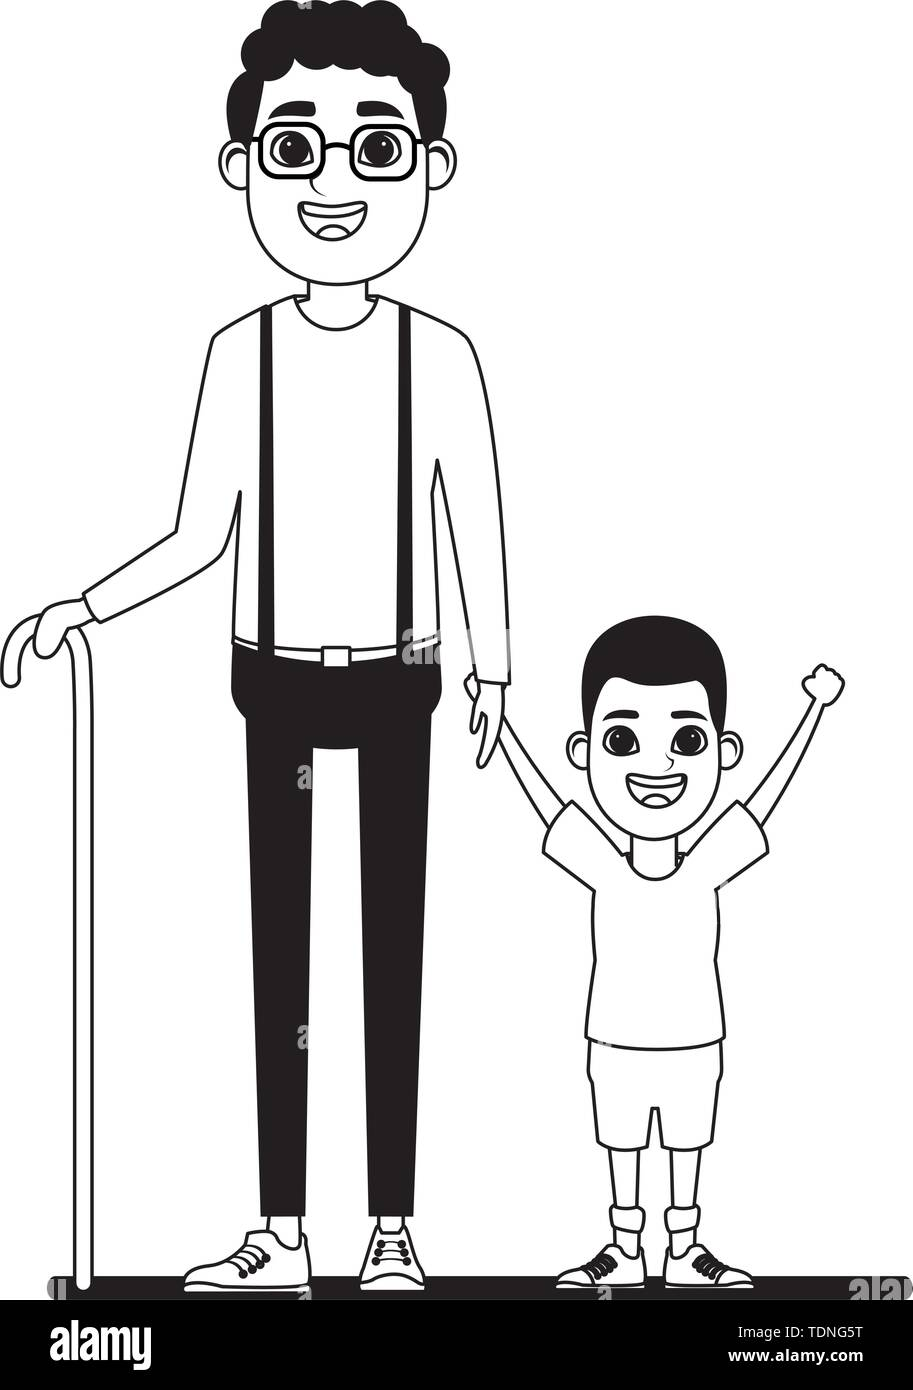 Familie avatar afroamerican Großvater mit glasse und Zuckerrohr Neben afroamerican junge Profil Bild Cartoon Character portrait in Schwarz und Weiß vec Stockbild